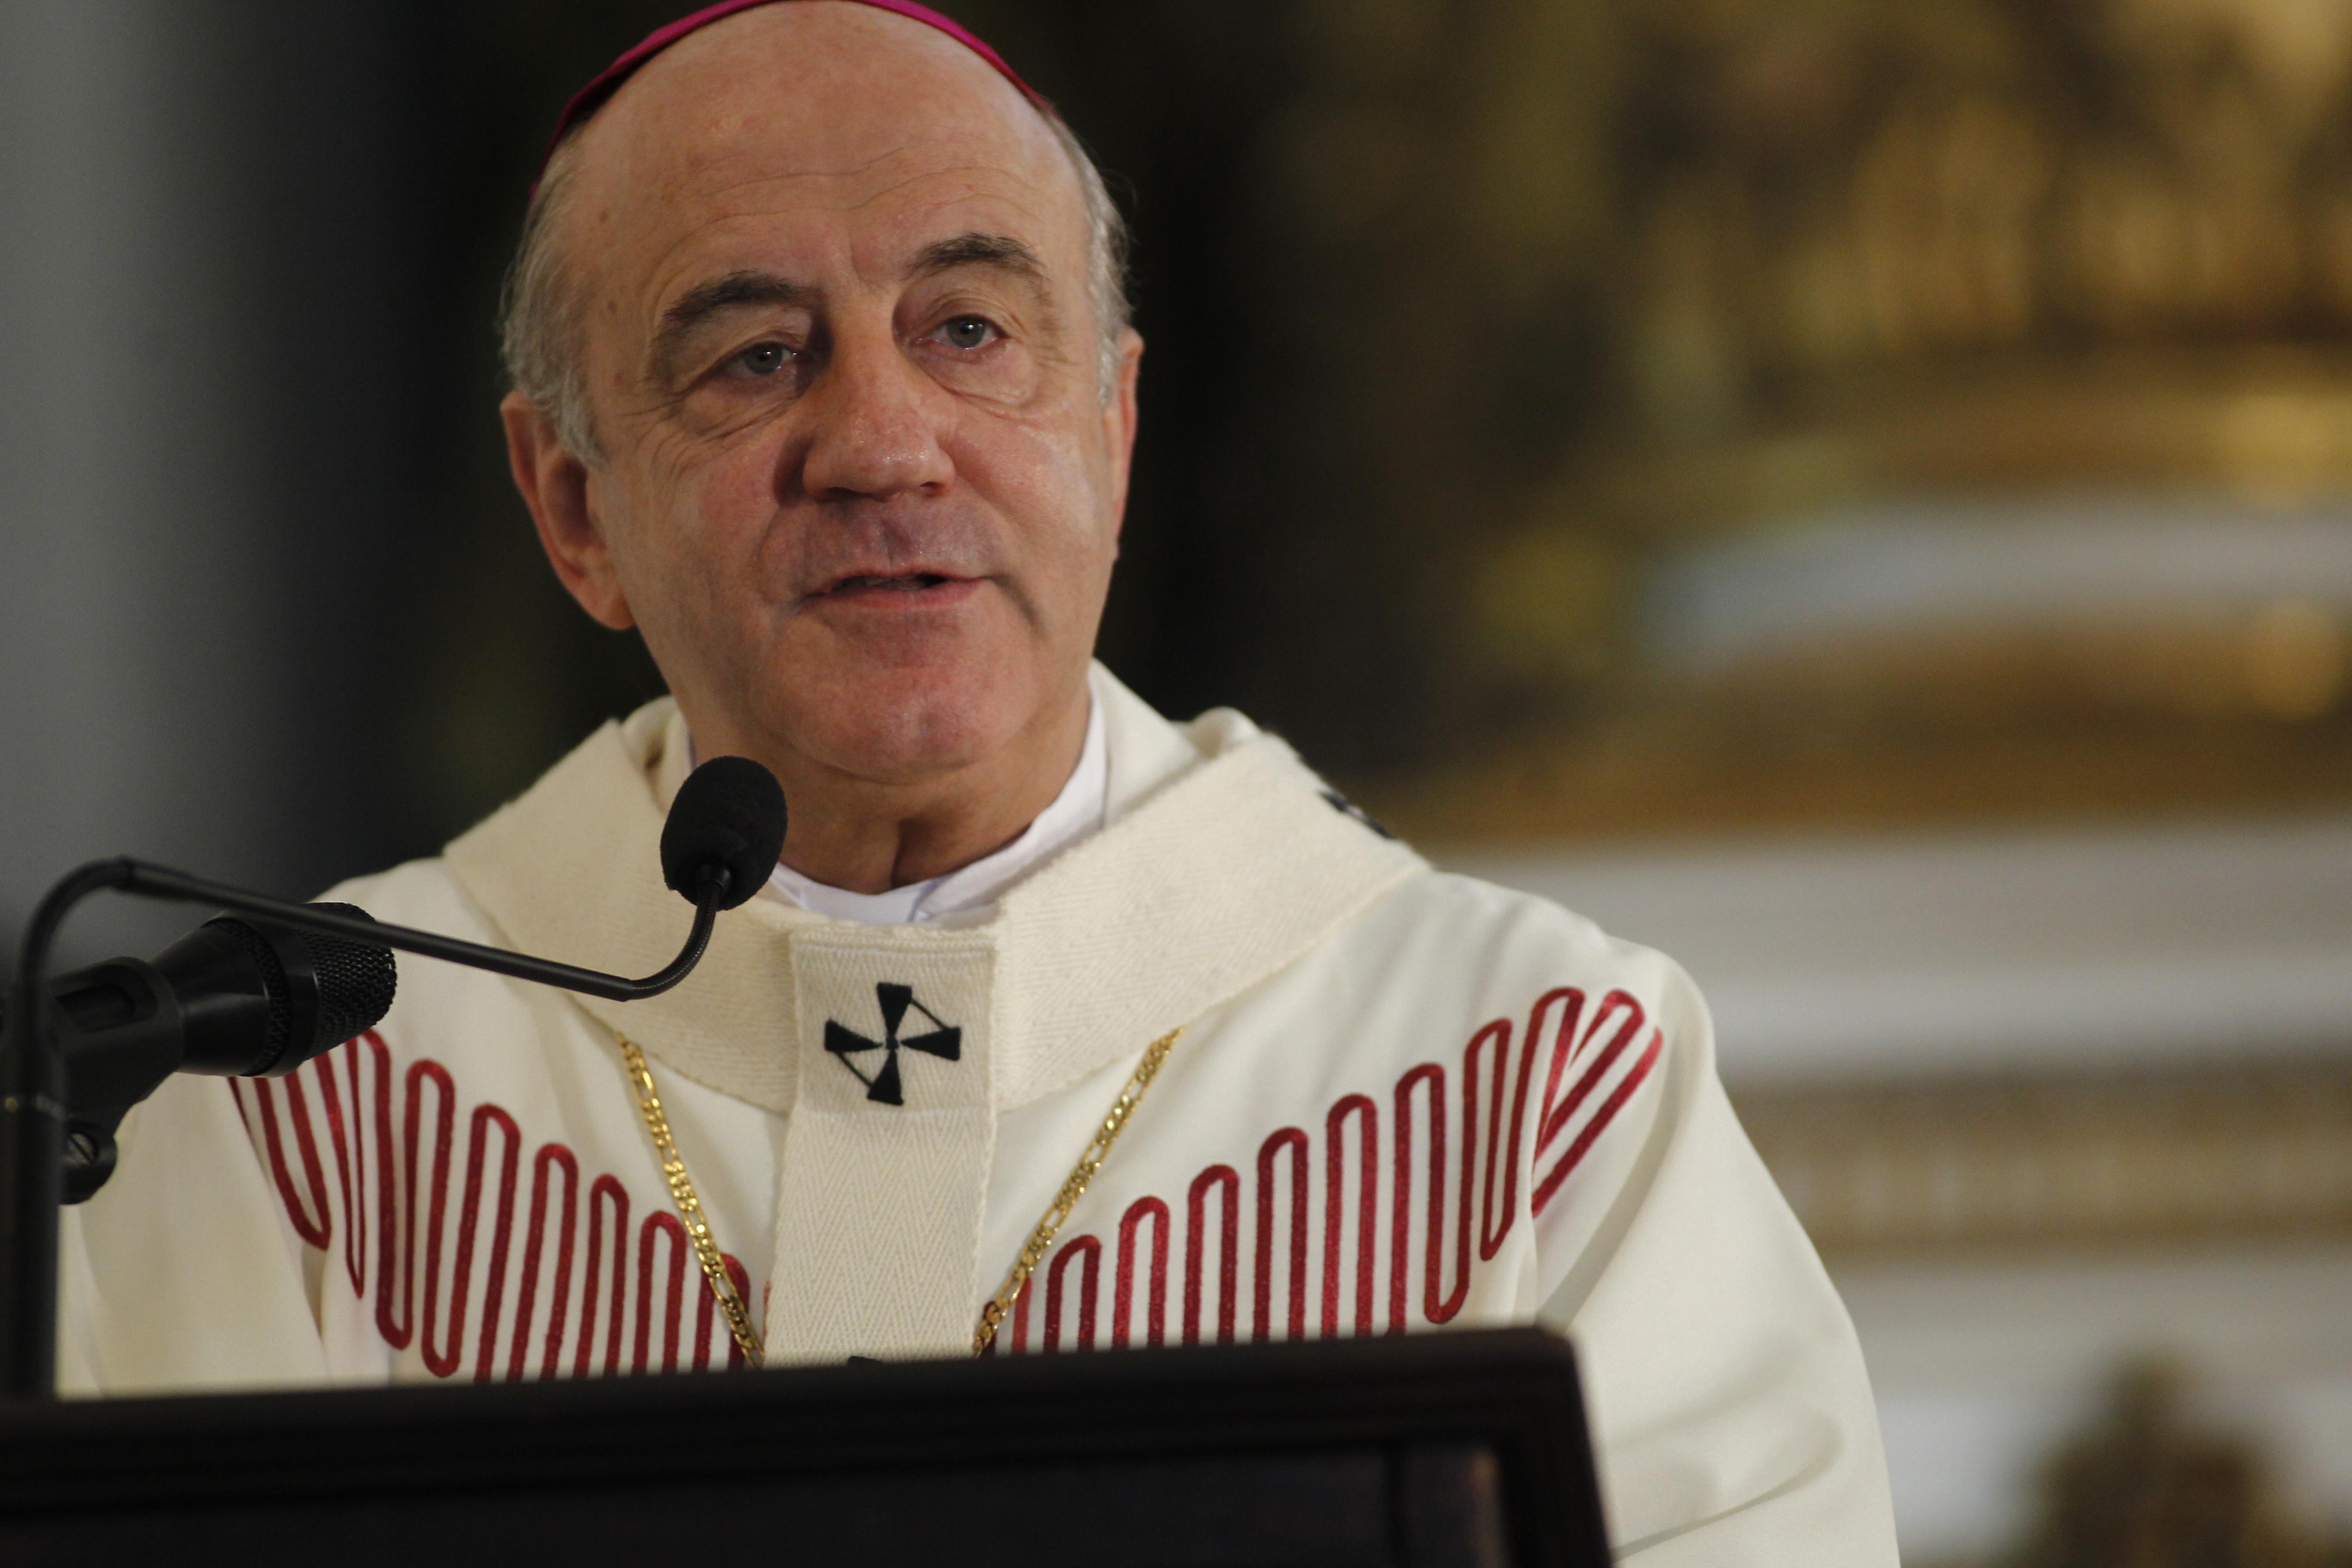 Em 2013, Dom Murilo celebrou a primeira missa na Igreja do Bonfim após a escolha do Papa Francisco